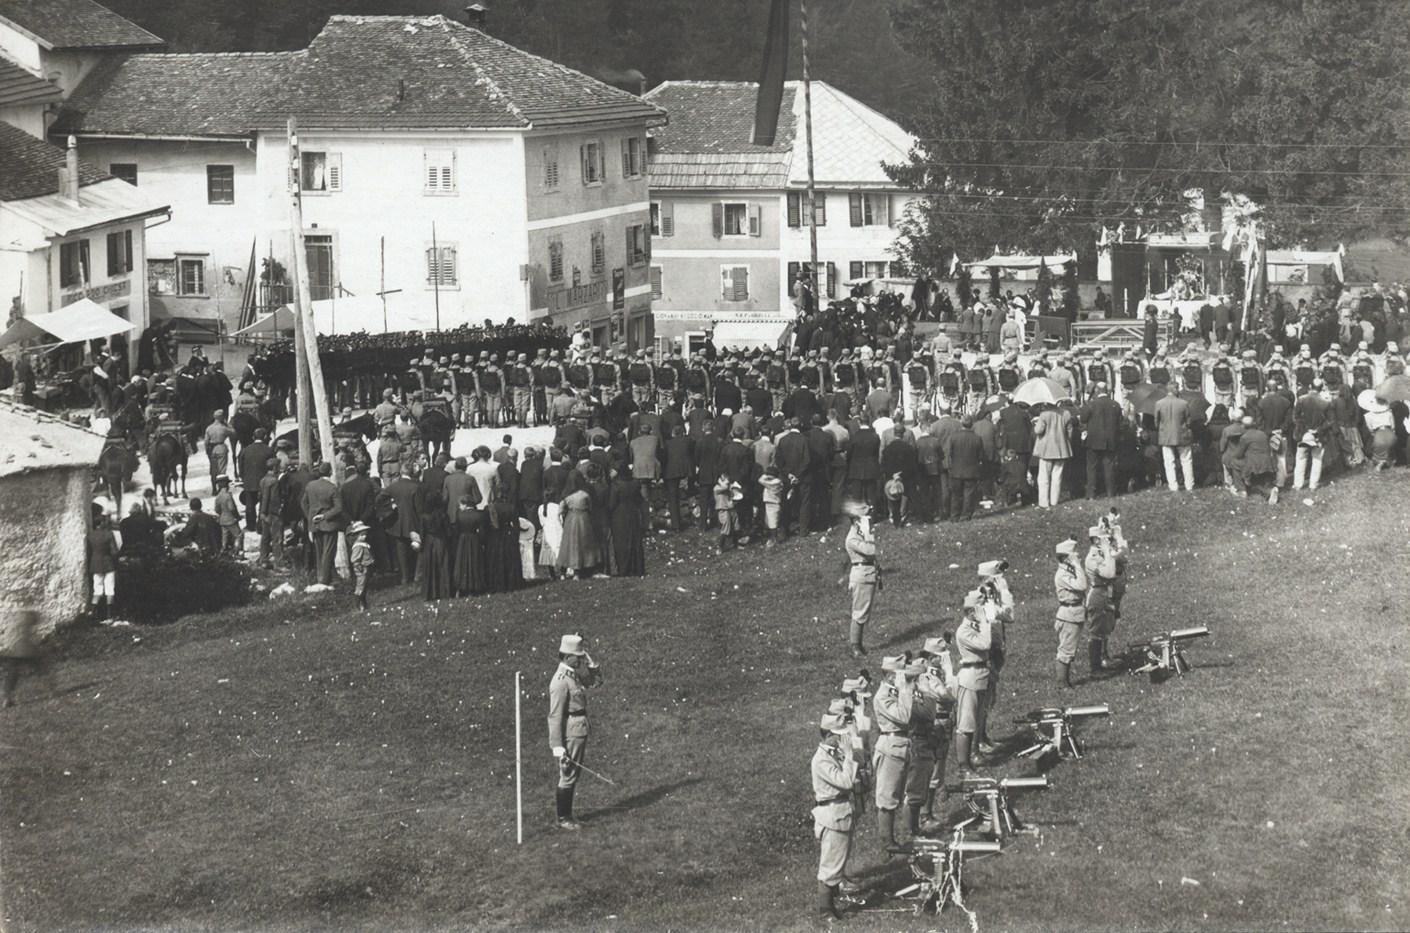 03 - Reparto dei Kaiserschützen a Lavarone - Copia.jpg